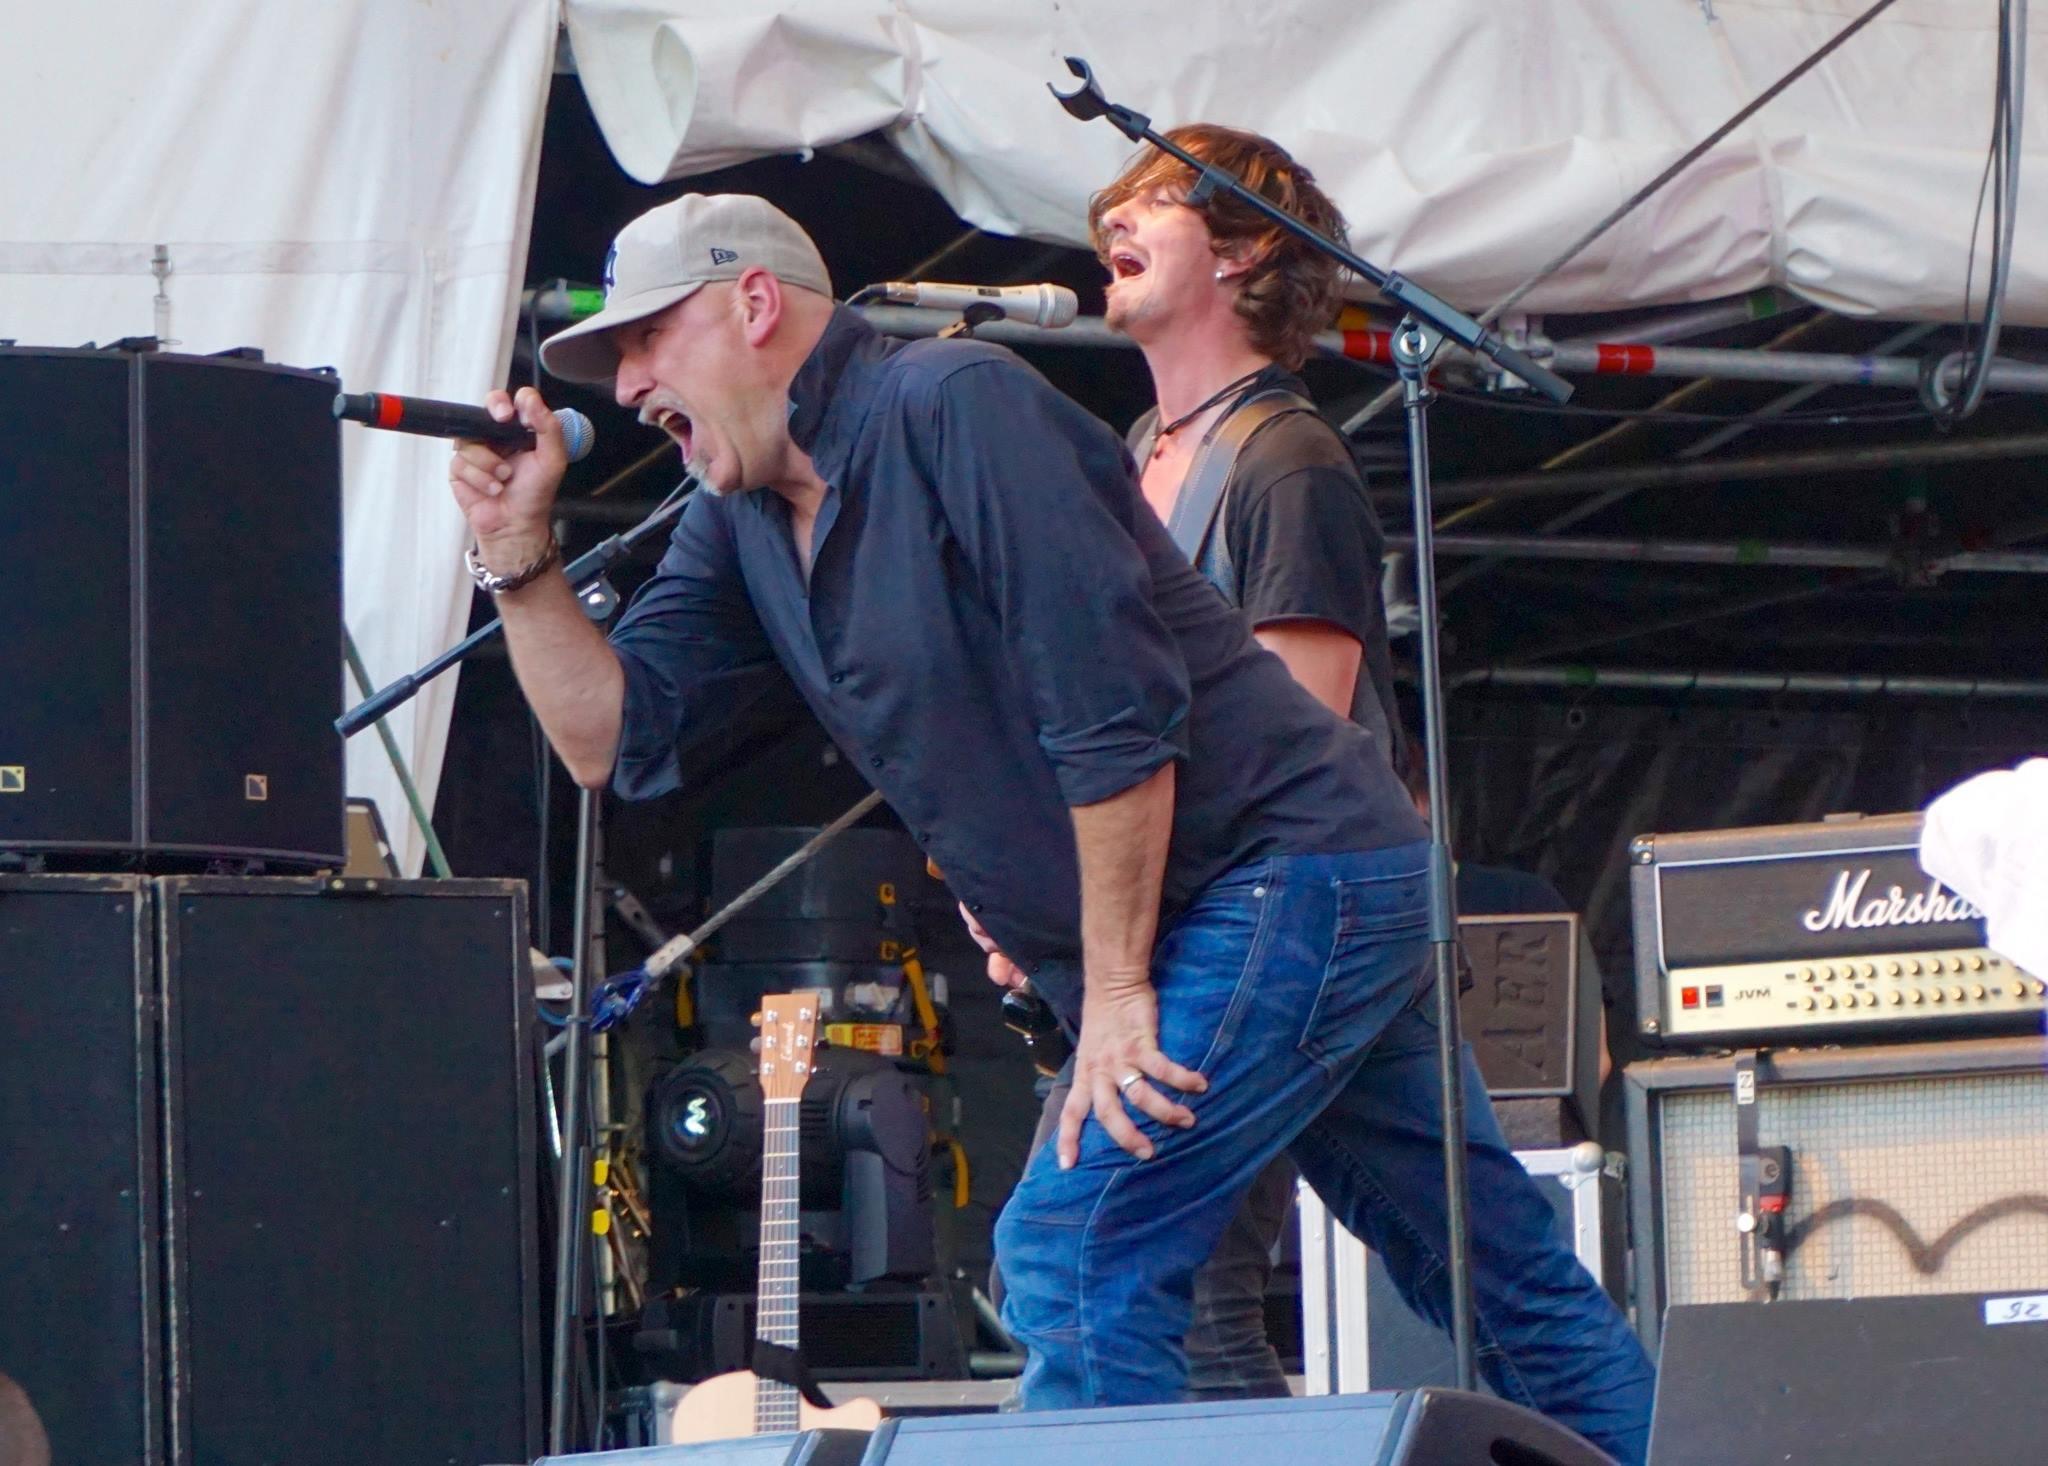 Kai Wingenfelder auf der Bühne mit Funkmikrofon. Quelle: Monika Haake-Kirchhoff